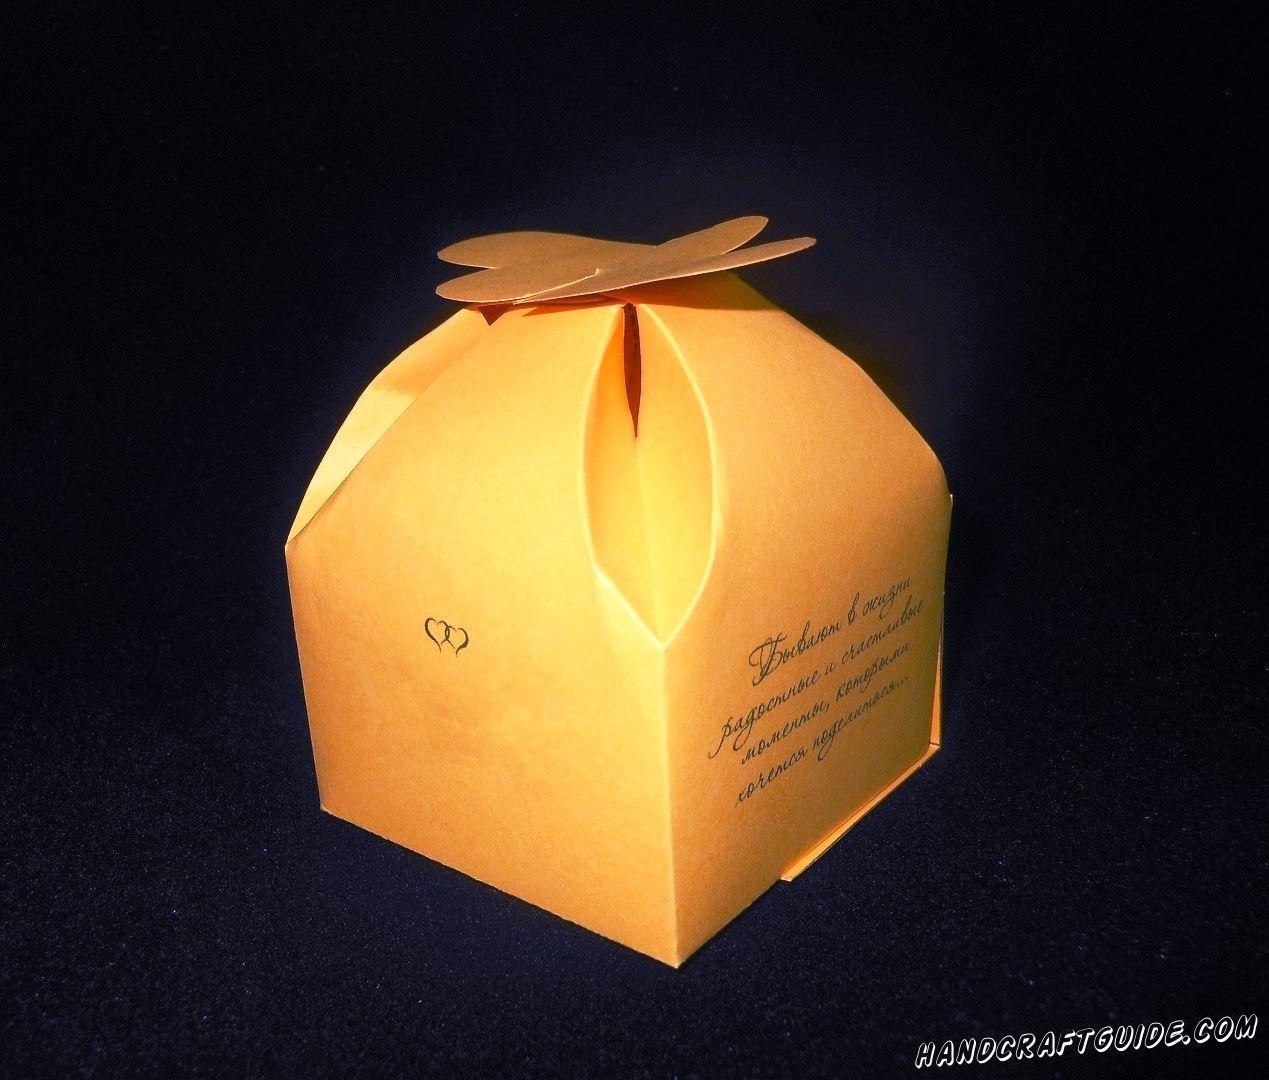 Кладём подарочек и закрываем коробочку.